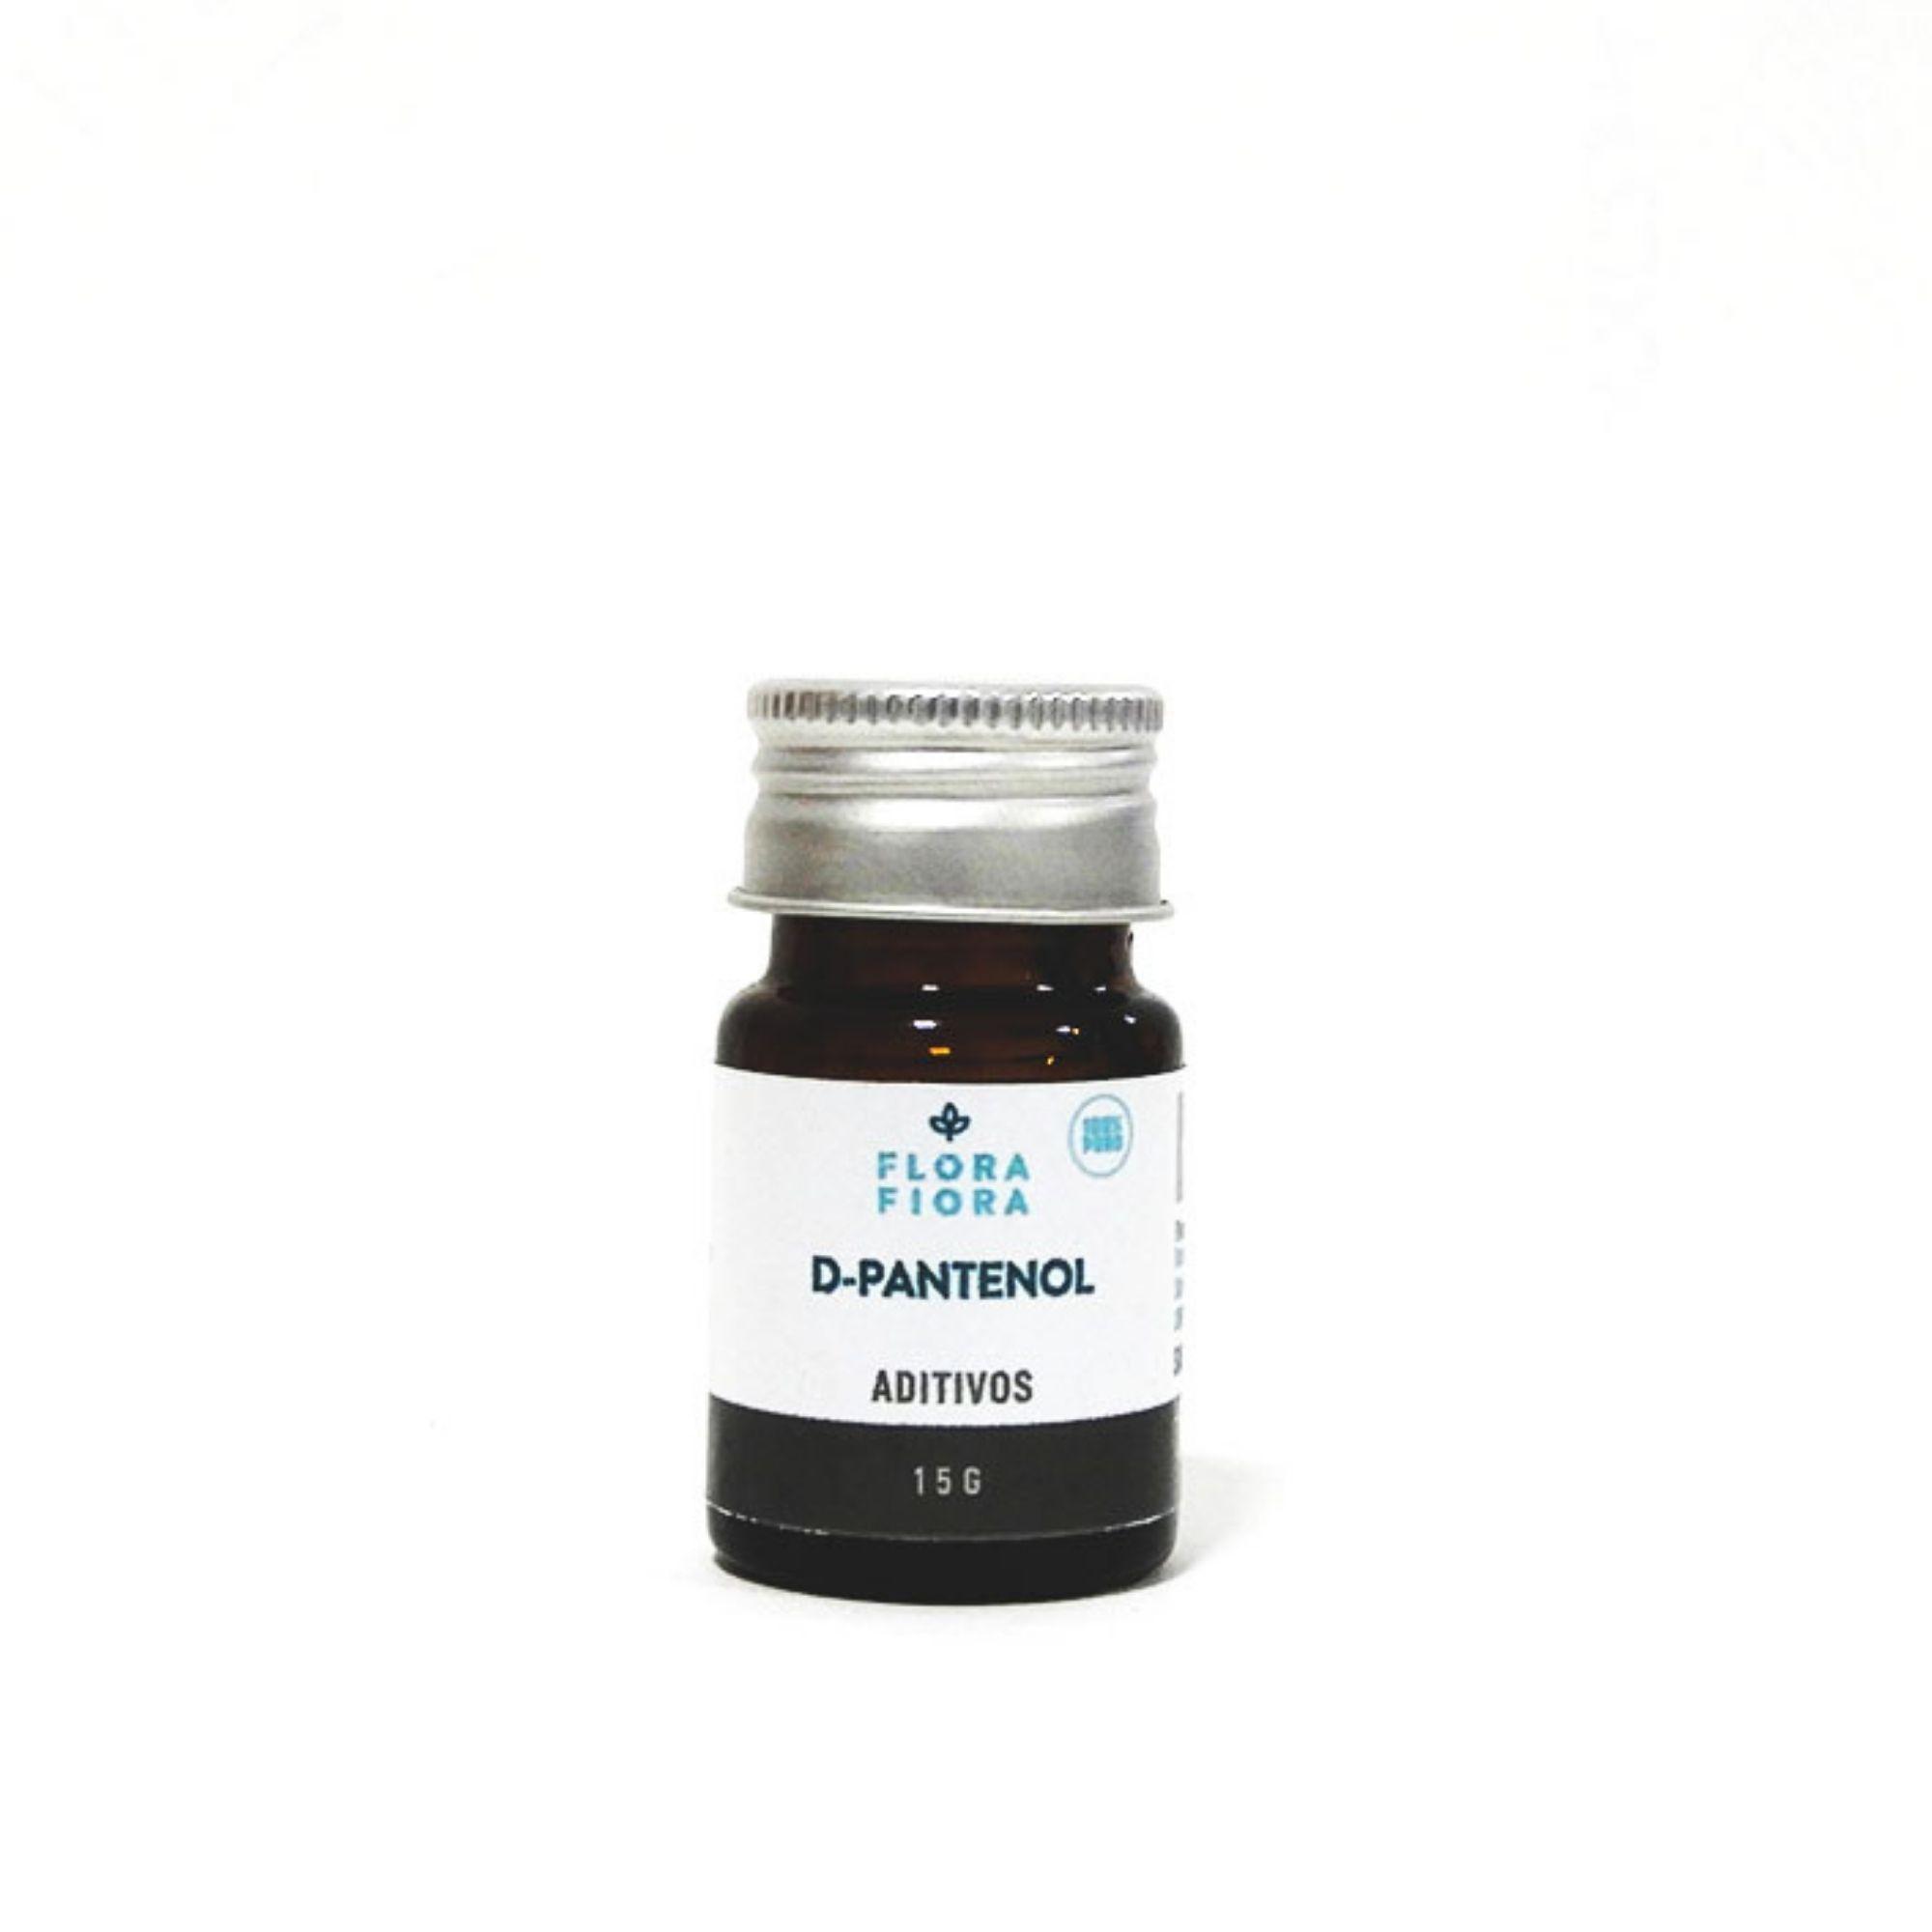 D-Pantenol - 15g  - Flora Fiora